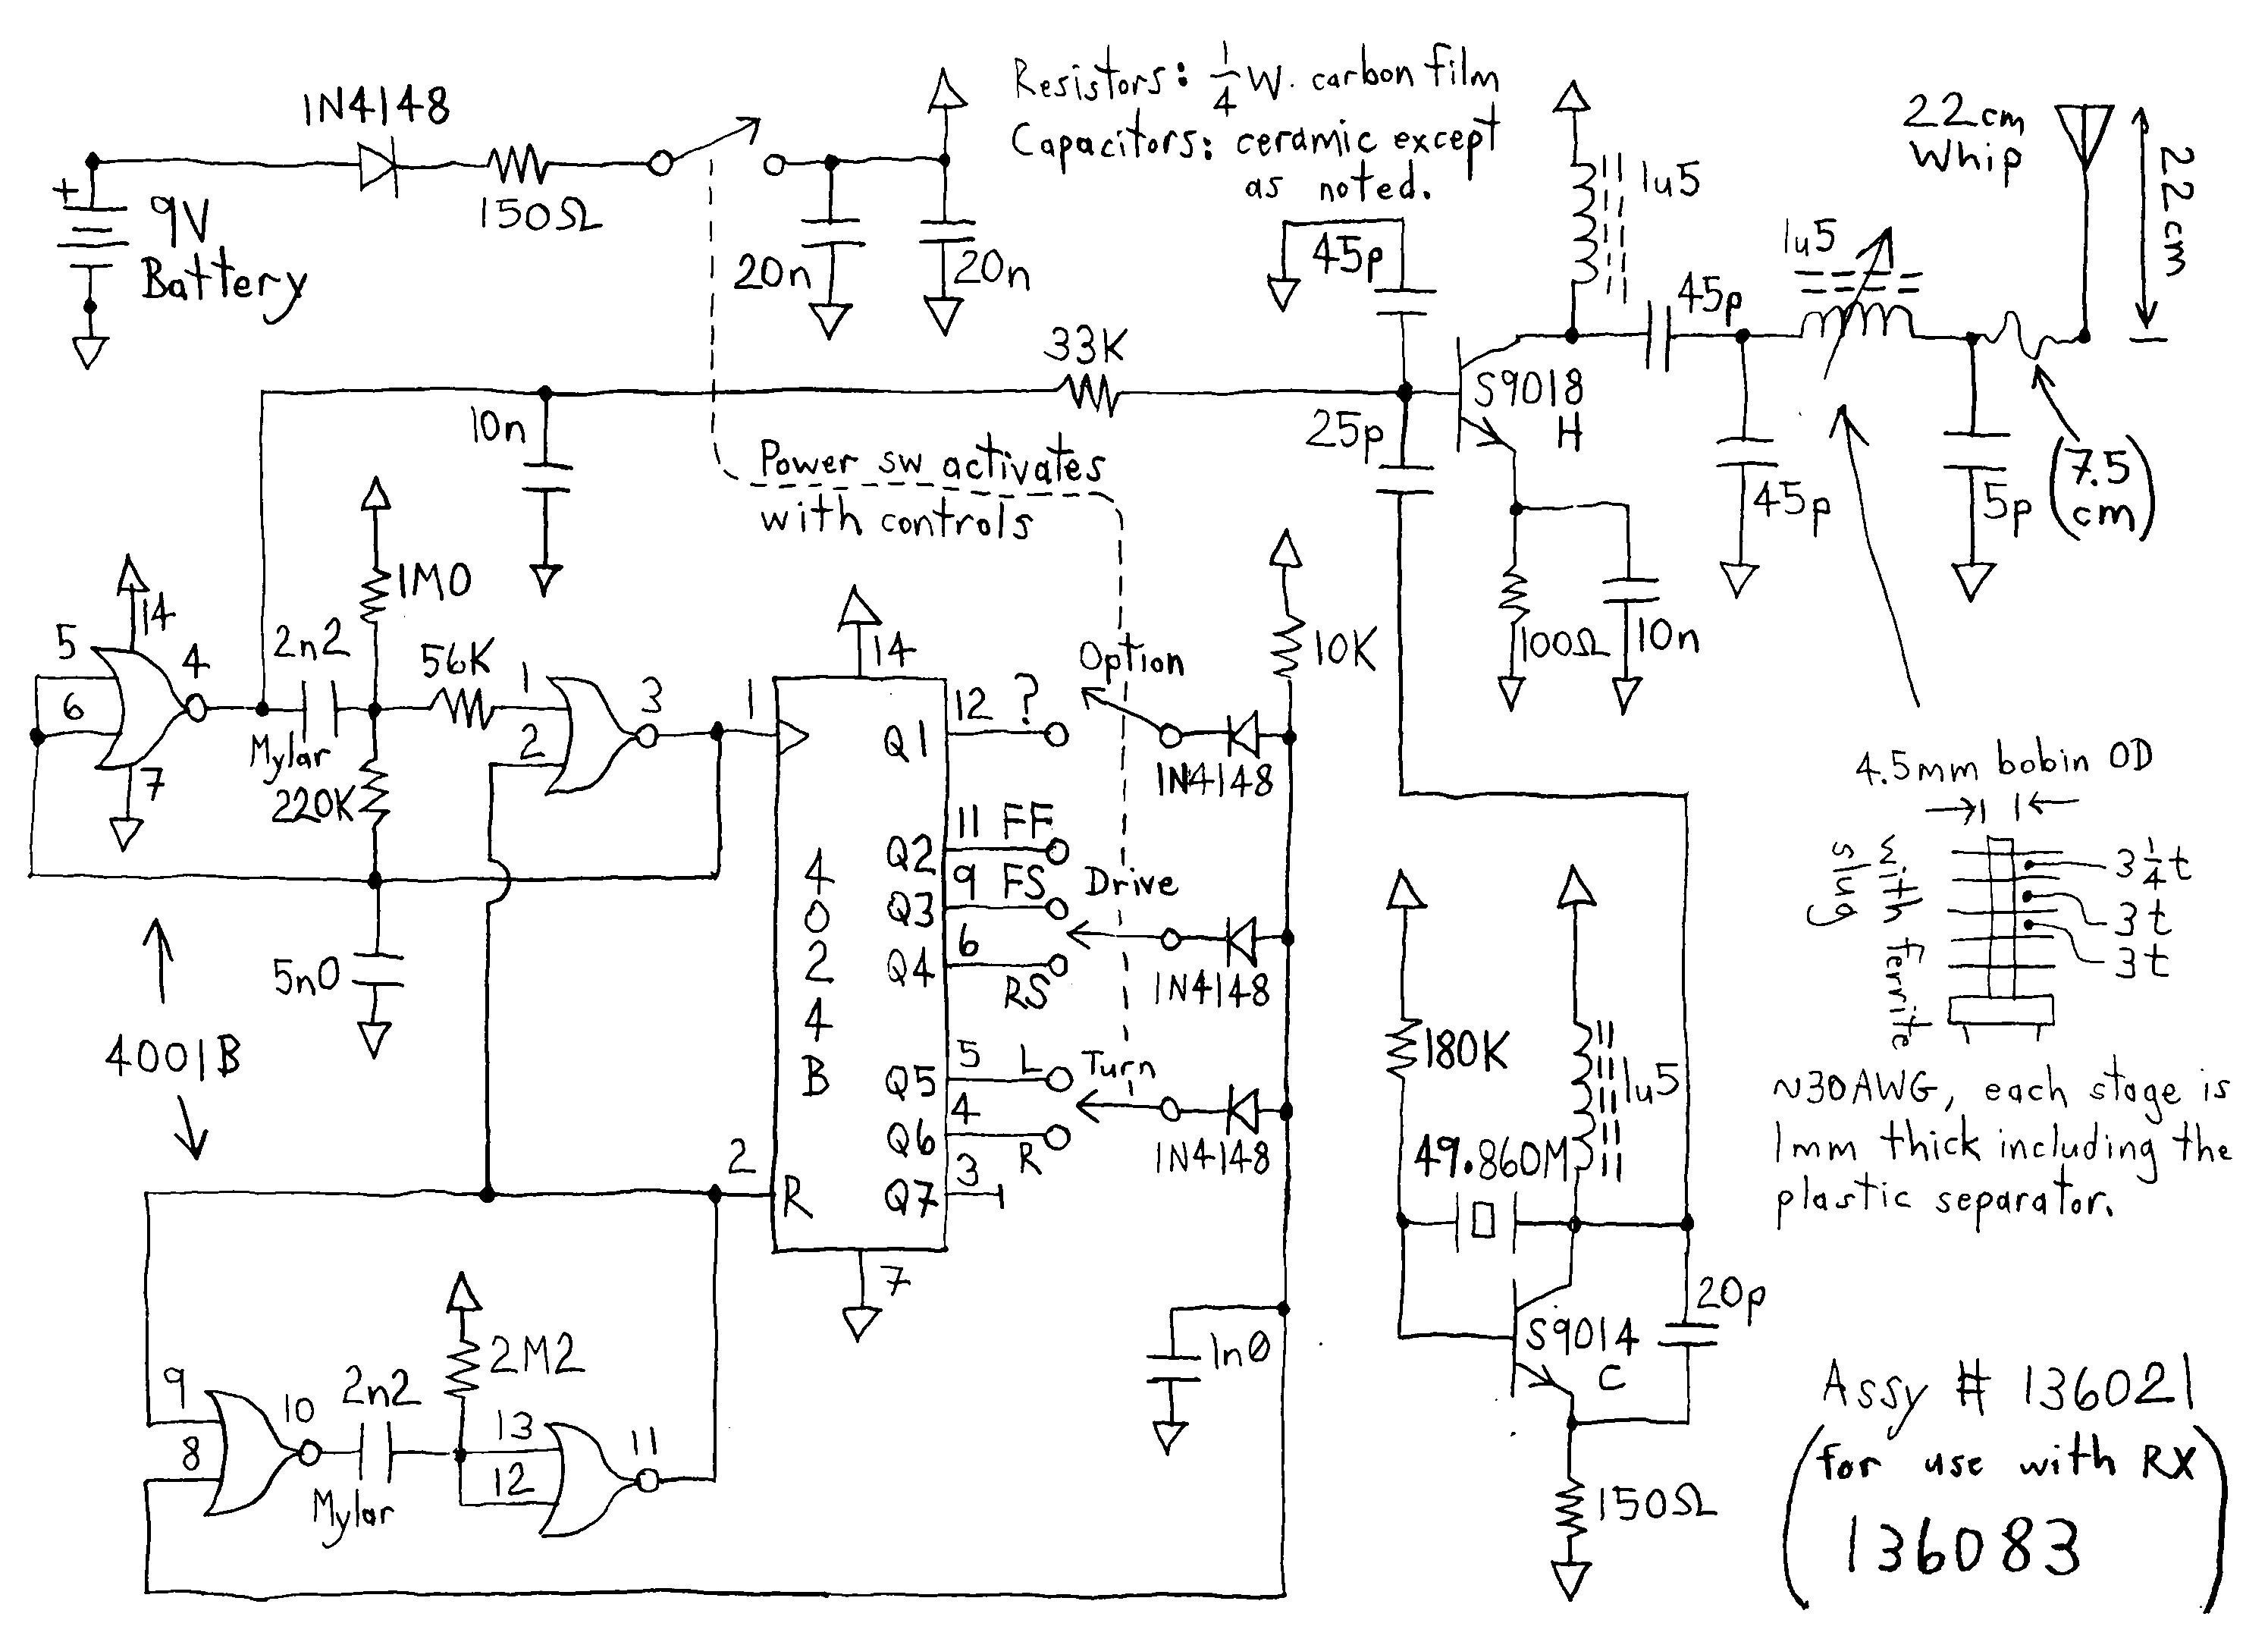 2006 Lexus Gs300 Engine Diagram 1997 Lexus Wiring Diagram Data Schematics Wiring Diagram • Of 2006 Lexus Gs300 Engine Diagram